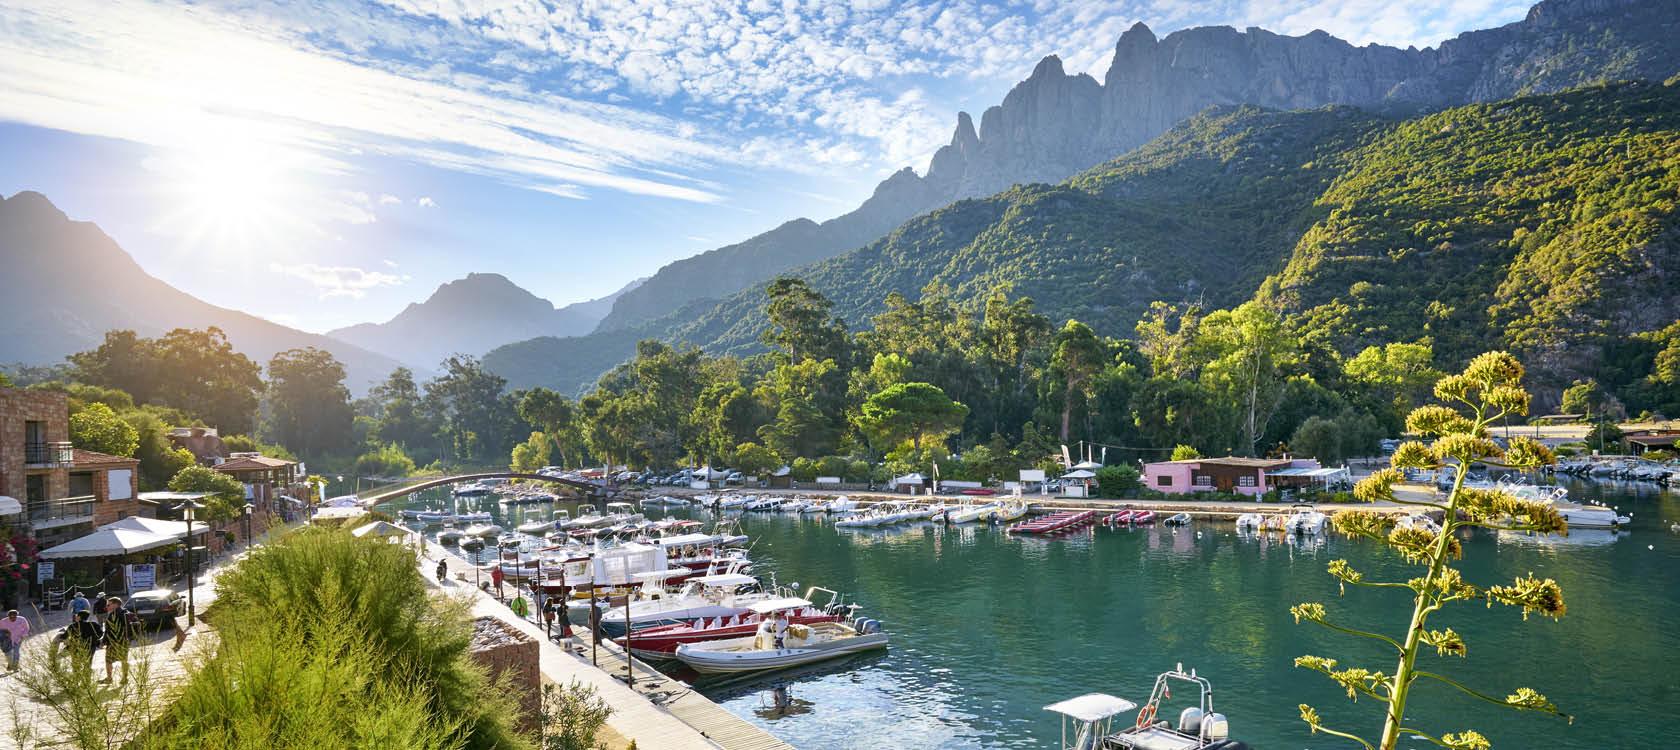 vackra korsika med båtar, hamn och berg i bakgrunden